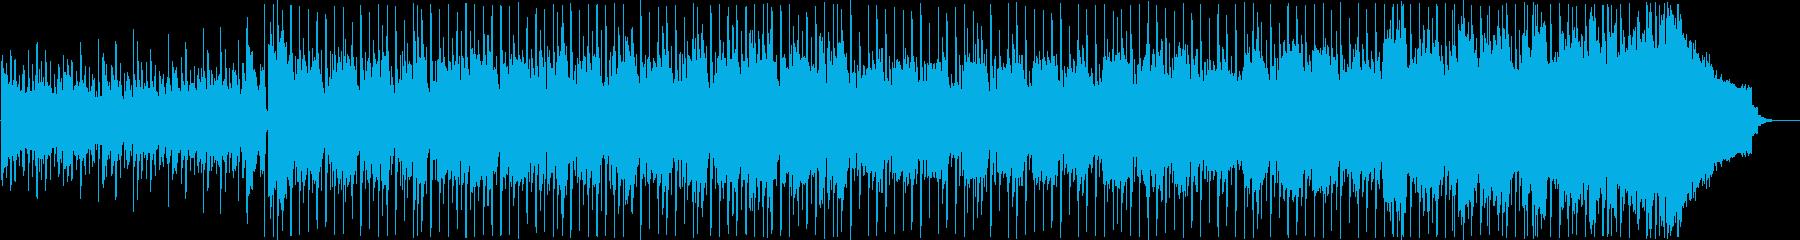 おしゃれな映像に合うシンセポップの再生済みの波形